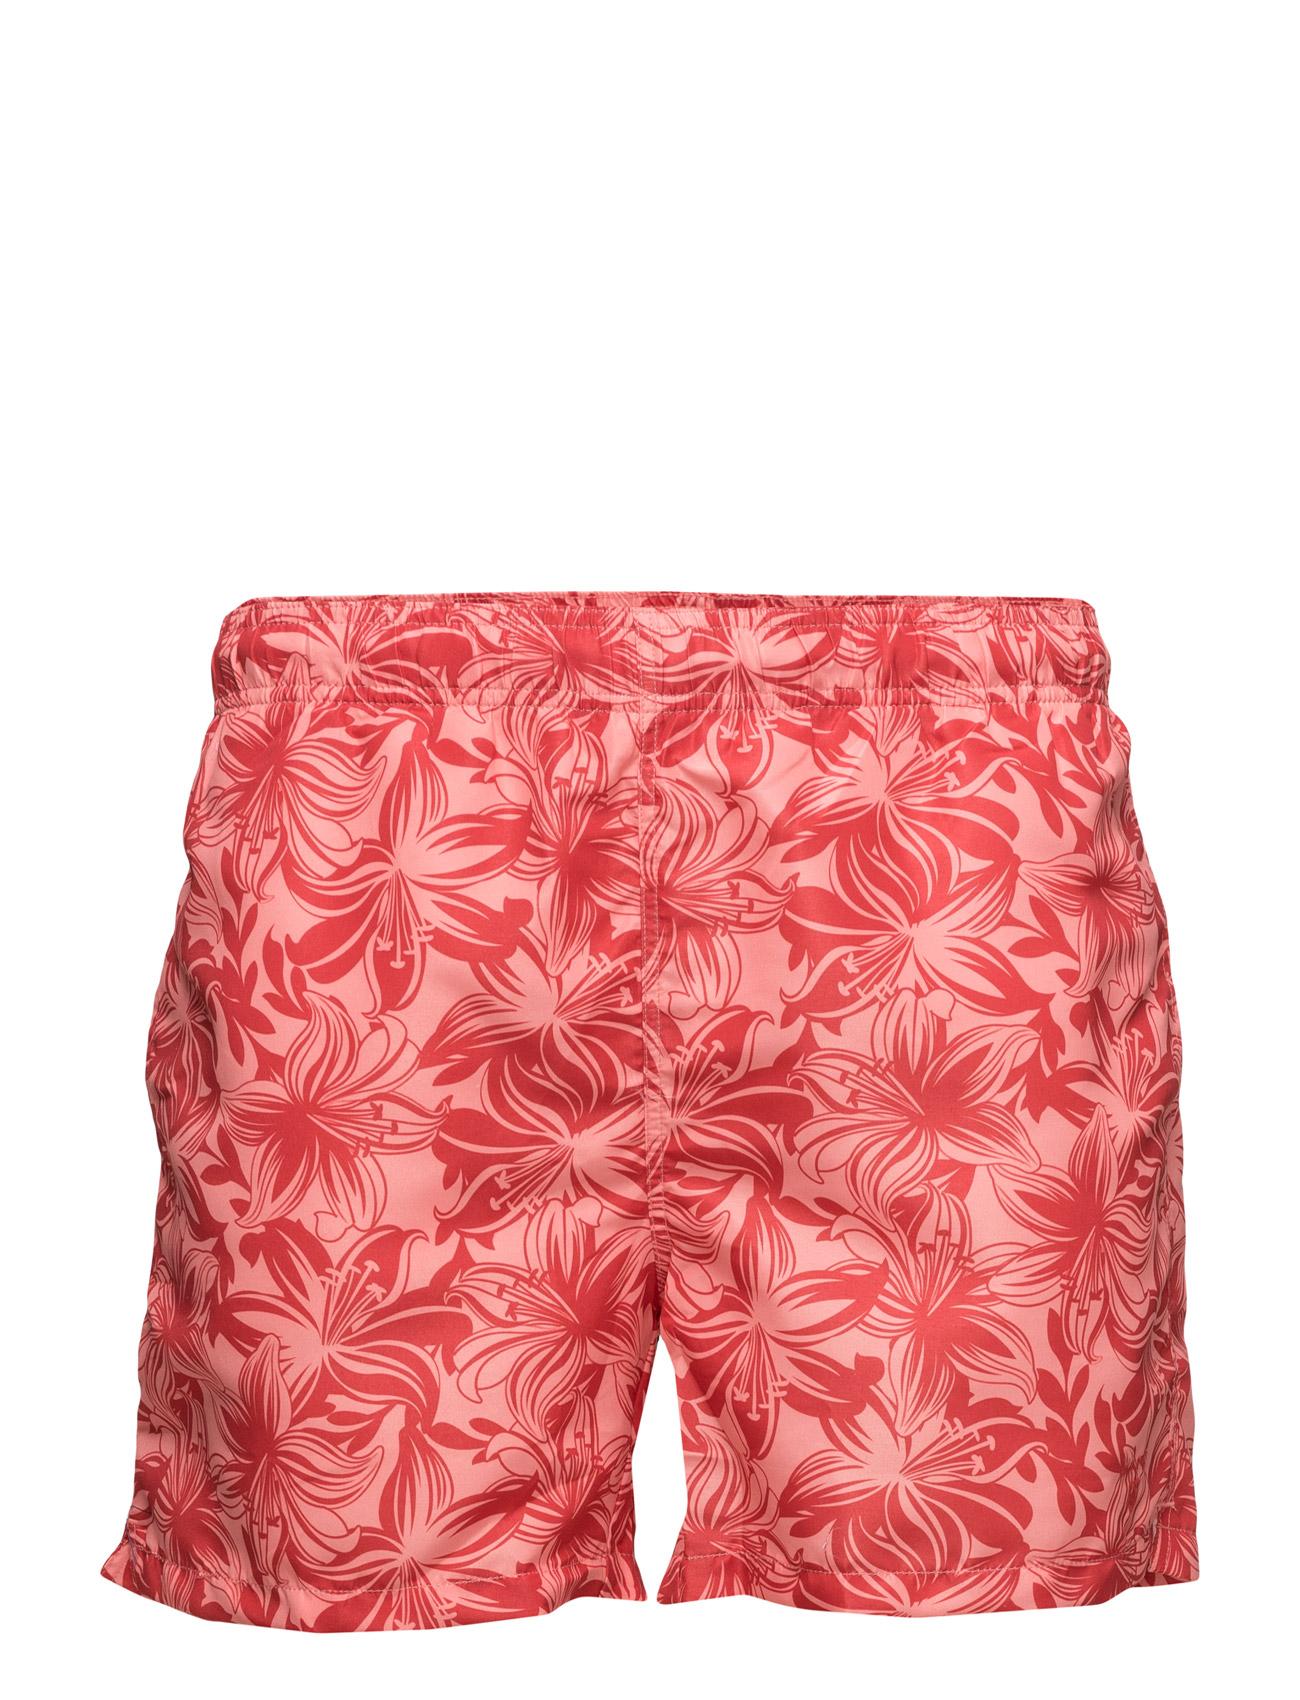 Lily Swim Shorts C.F GANT Shorts til Herrer i